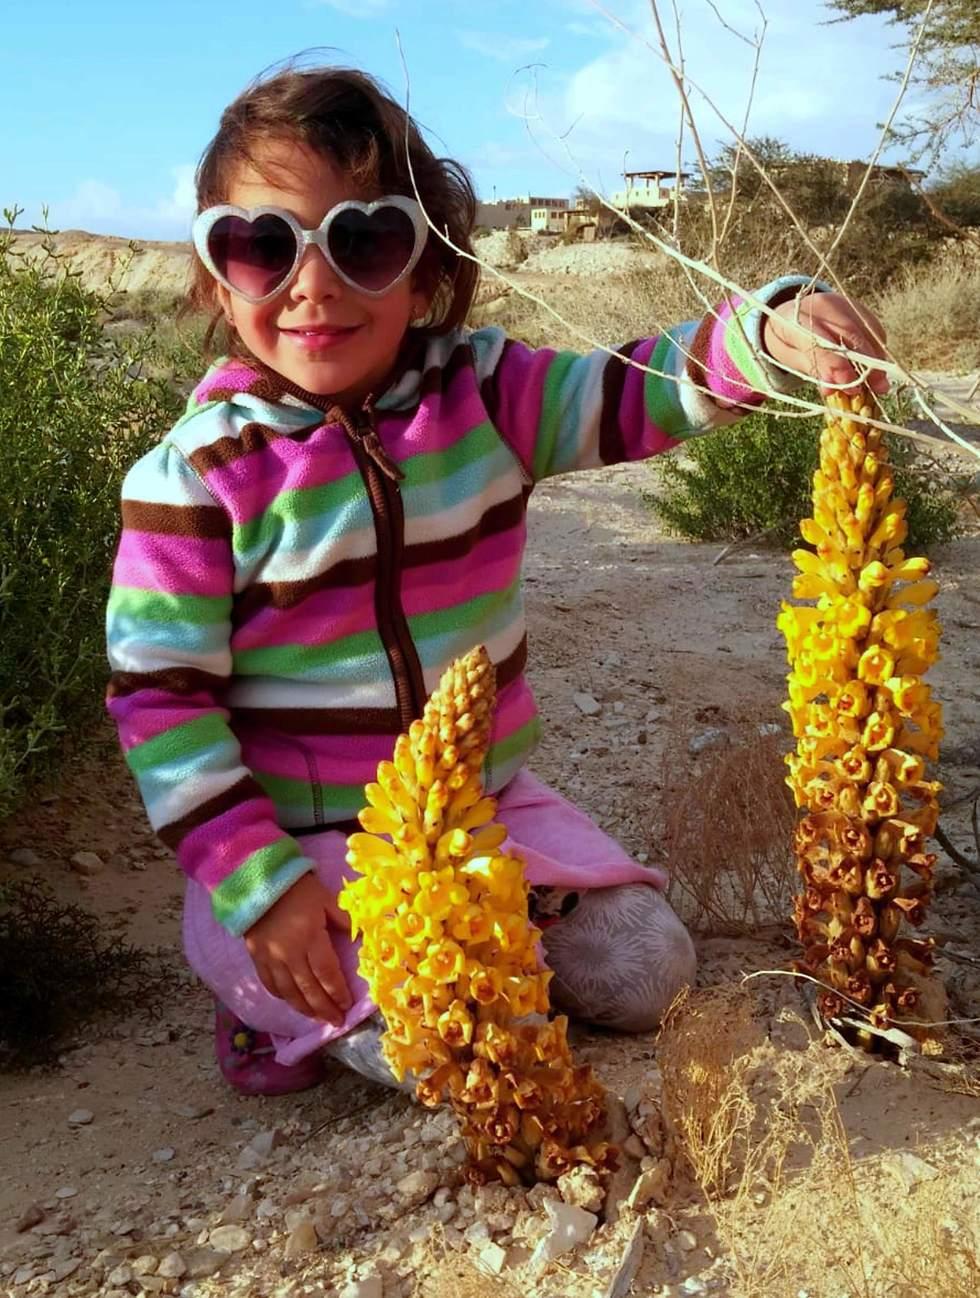 מתרשמים מפריחת יחנוק המדבר ליד המושב צופר (צילום: הילה אלבז)